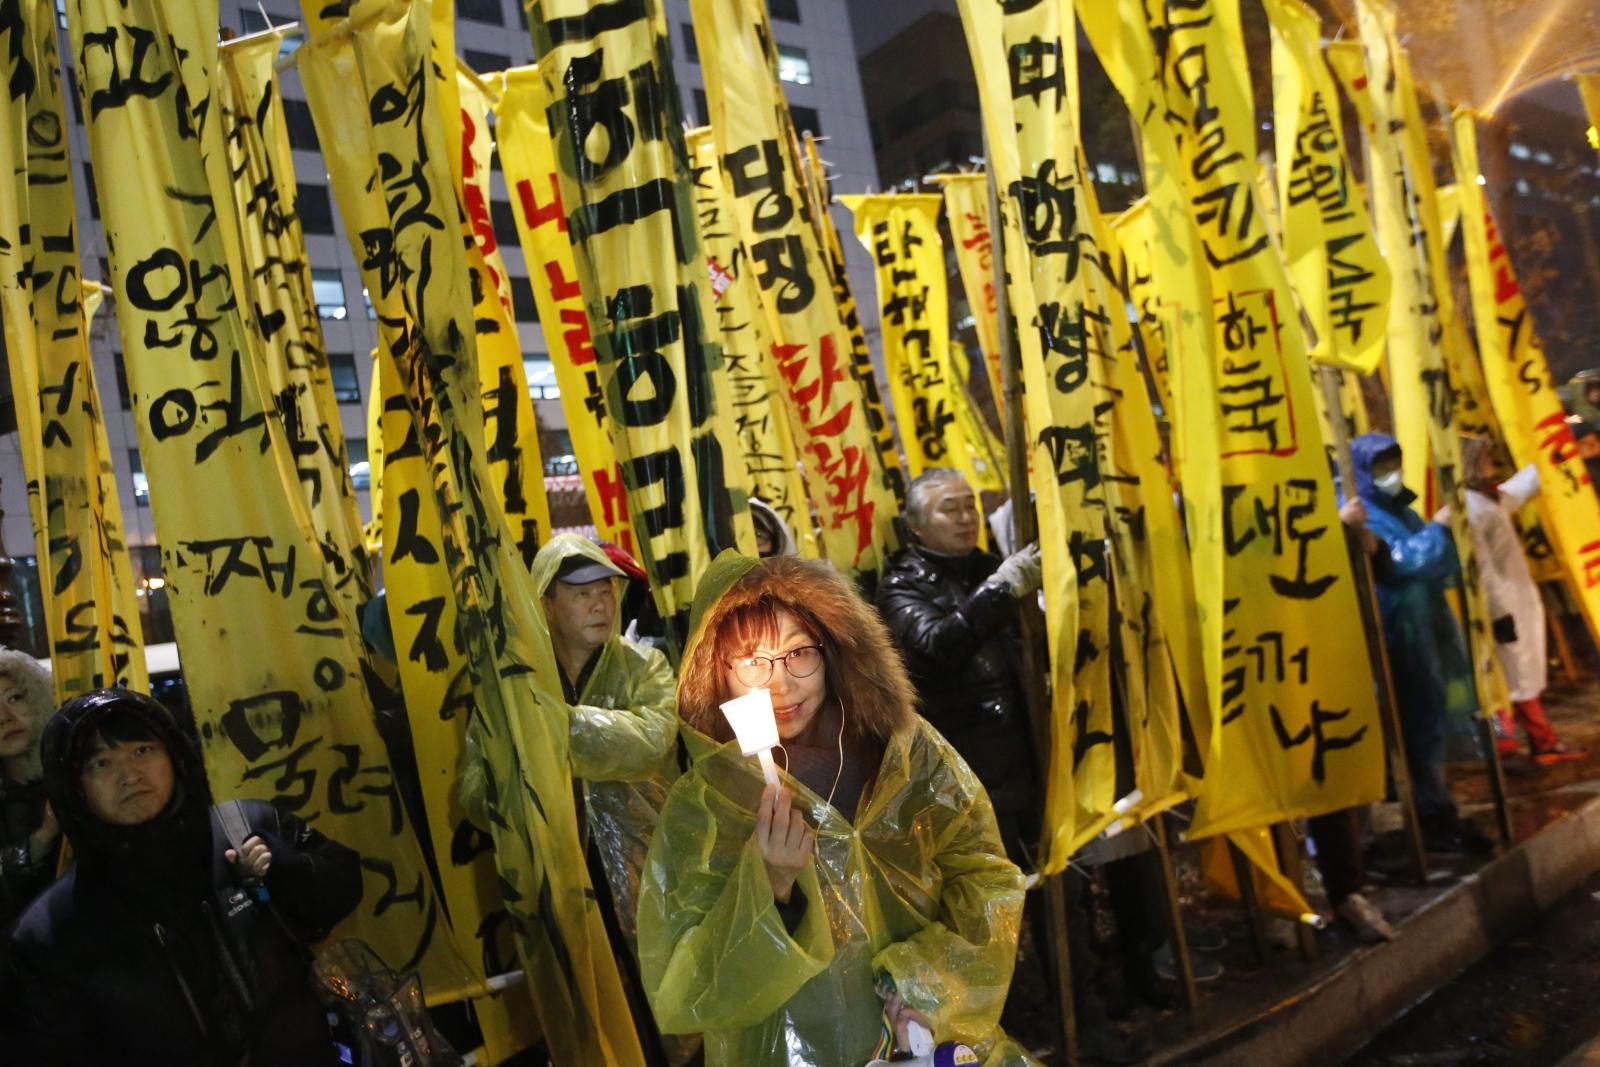 Kolejne protesty przeciwko pochówku byłego rząrzącego totalitarnego włąsny, Geun-Hye w Korei Południowej. Fot. PAP/EPA/JEON HEON-KYUN